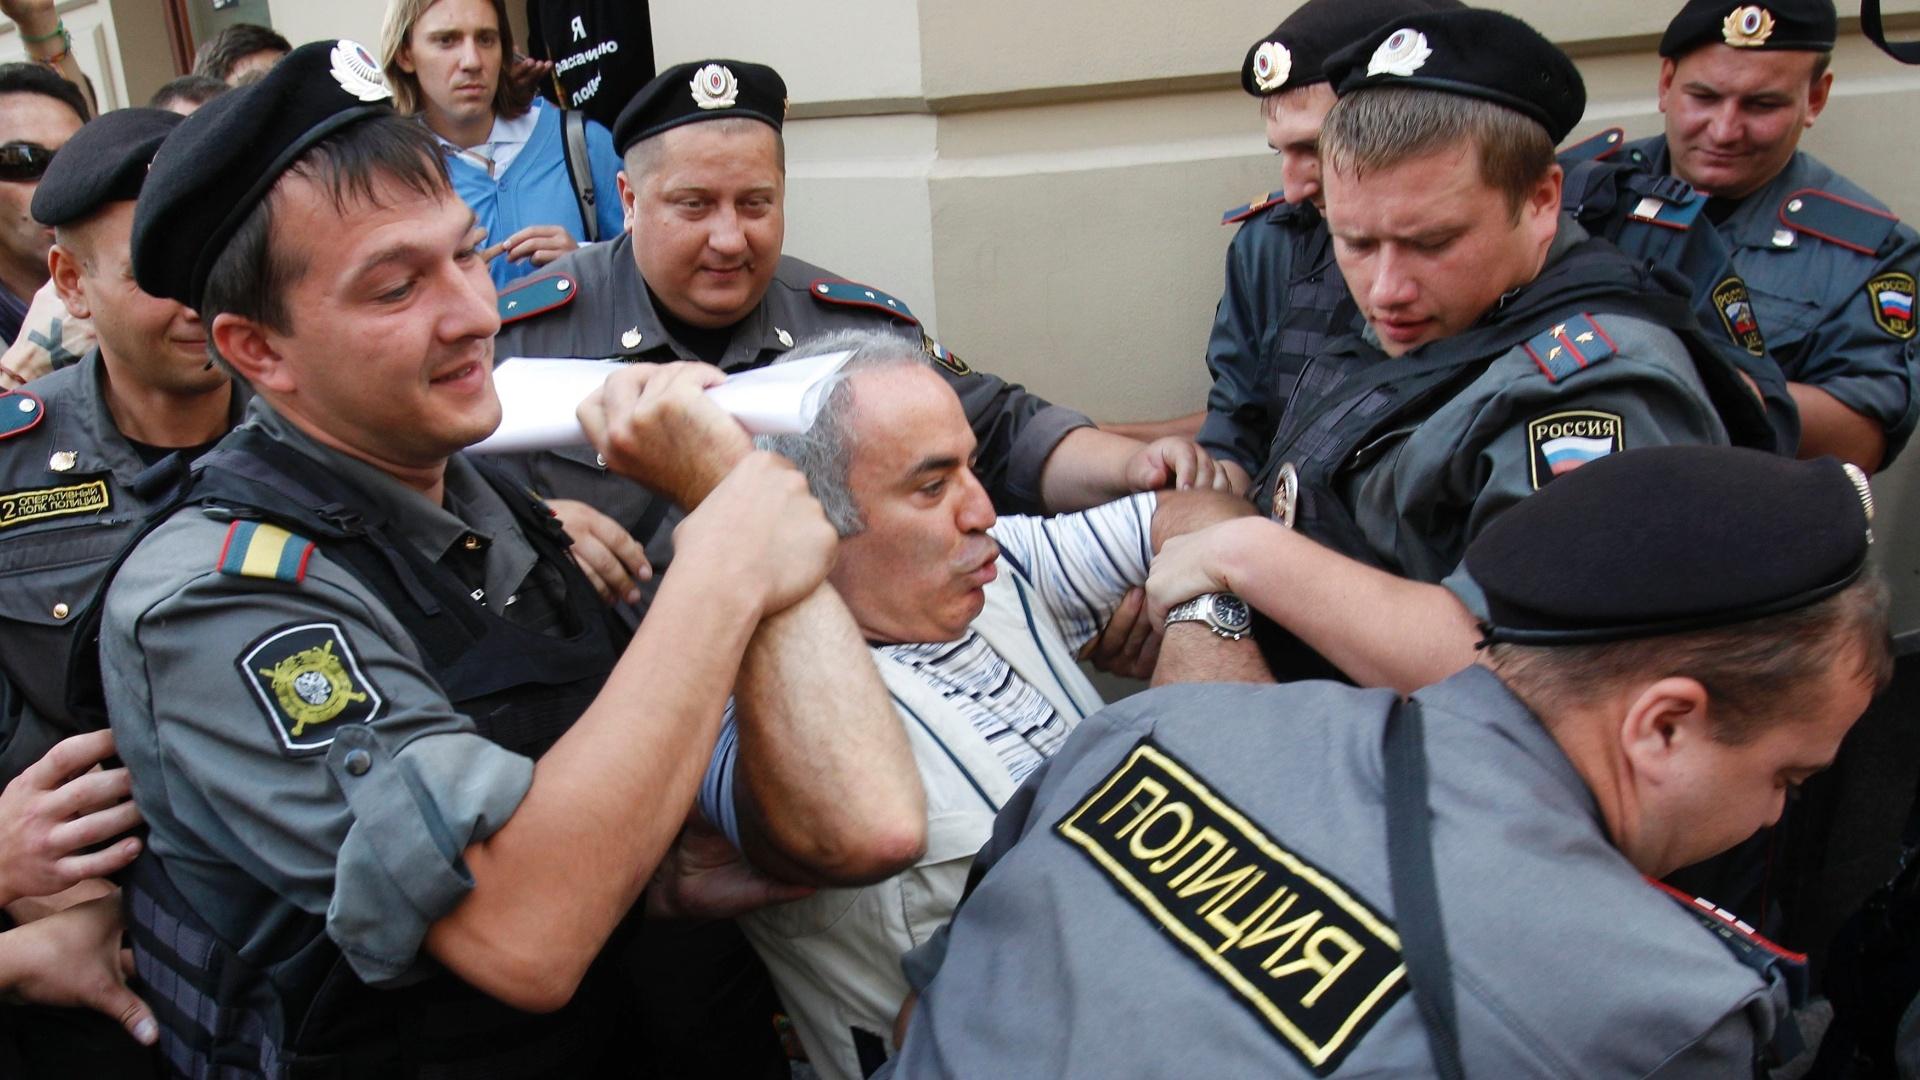 Polícia russa detém o enxadrista Garry Kasparov, ex-campeão mundial e líder da oposição ao governo russo, durante protesto em frente ao tribunal em Moscou onde a banda punk Pussy Riot foi condenada por vandalismo e sentenciadas a dois anos de prisão (17/8/2012)